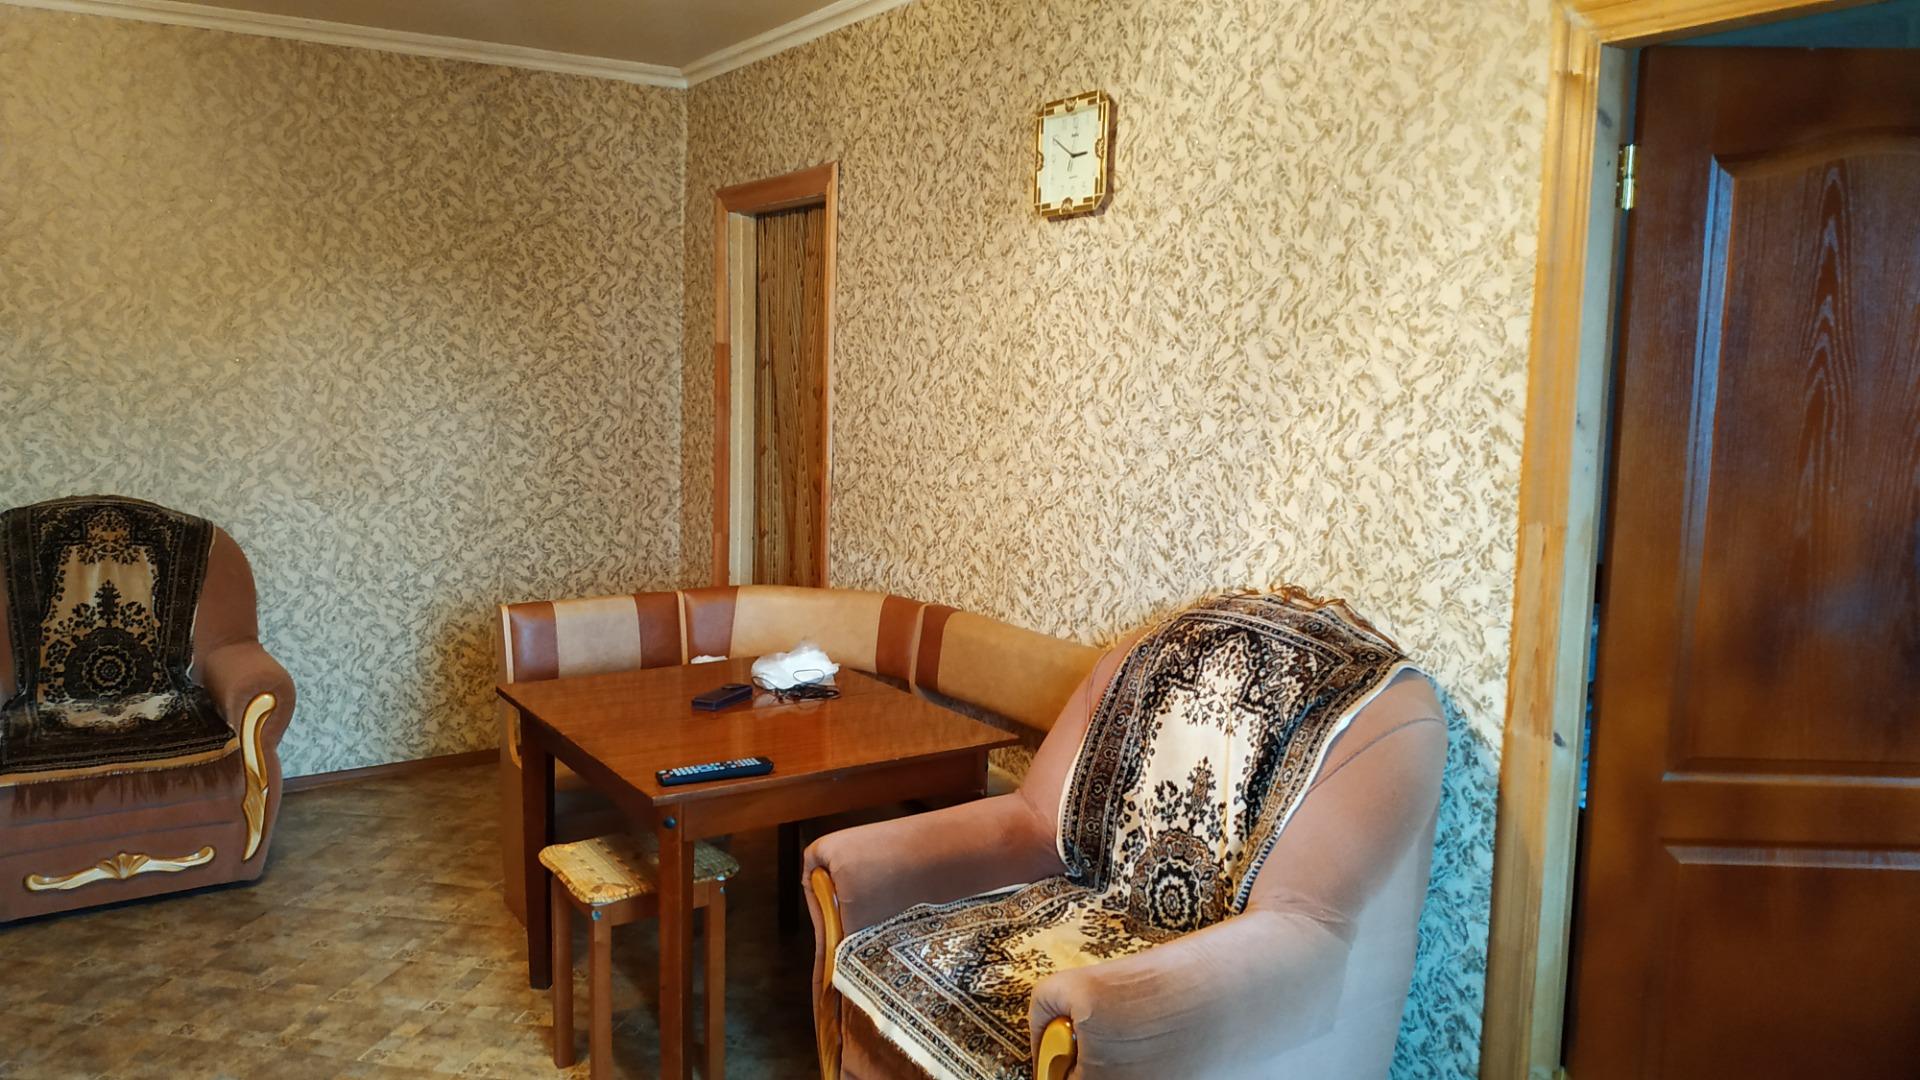 Продам 2-комнатную квартиру в городе Саратов, на улице тупик 3-й Кавказский,  5, 1-этаж 5-этажного кирпичный дома, площадь: 45.3/35/7 м2